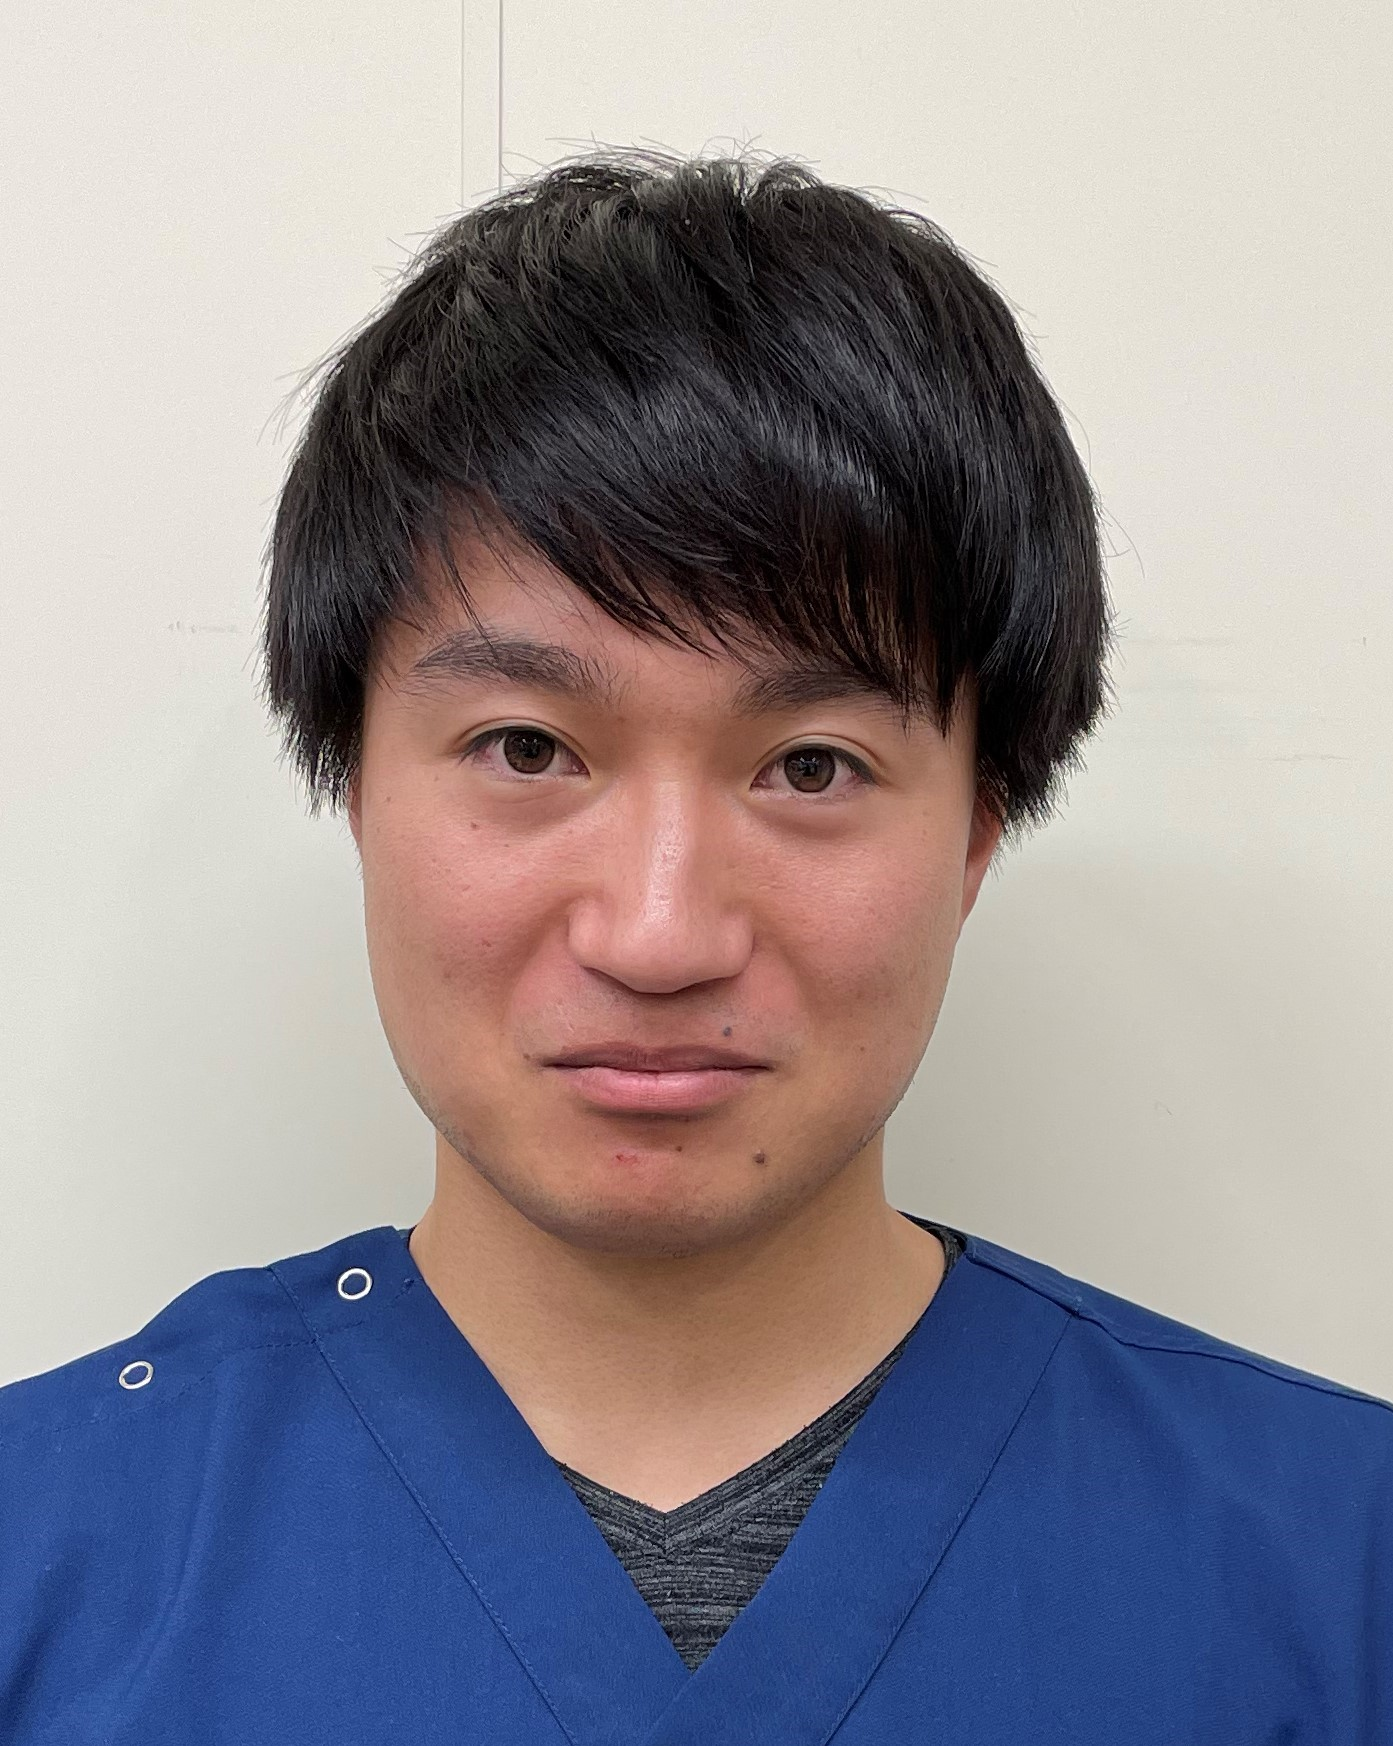 Isobe Taishi